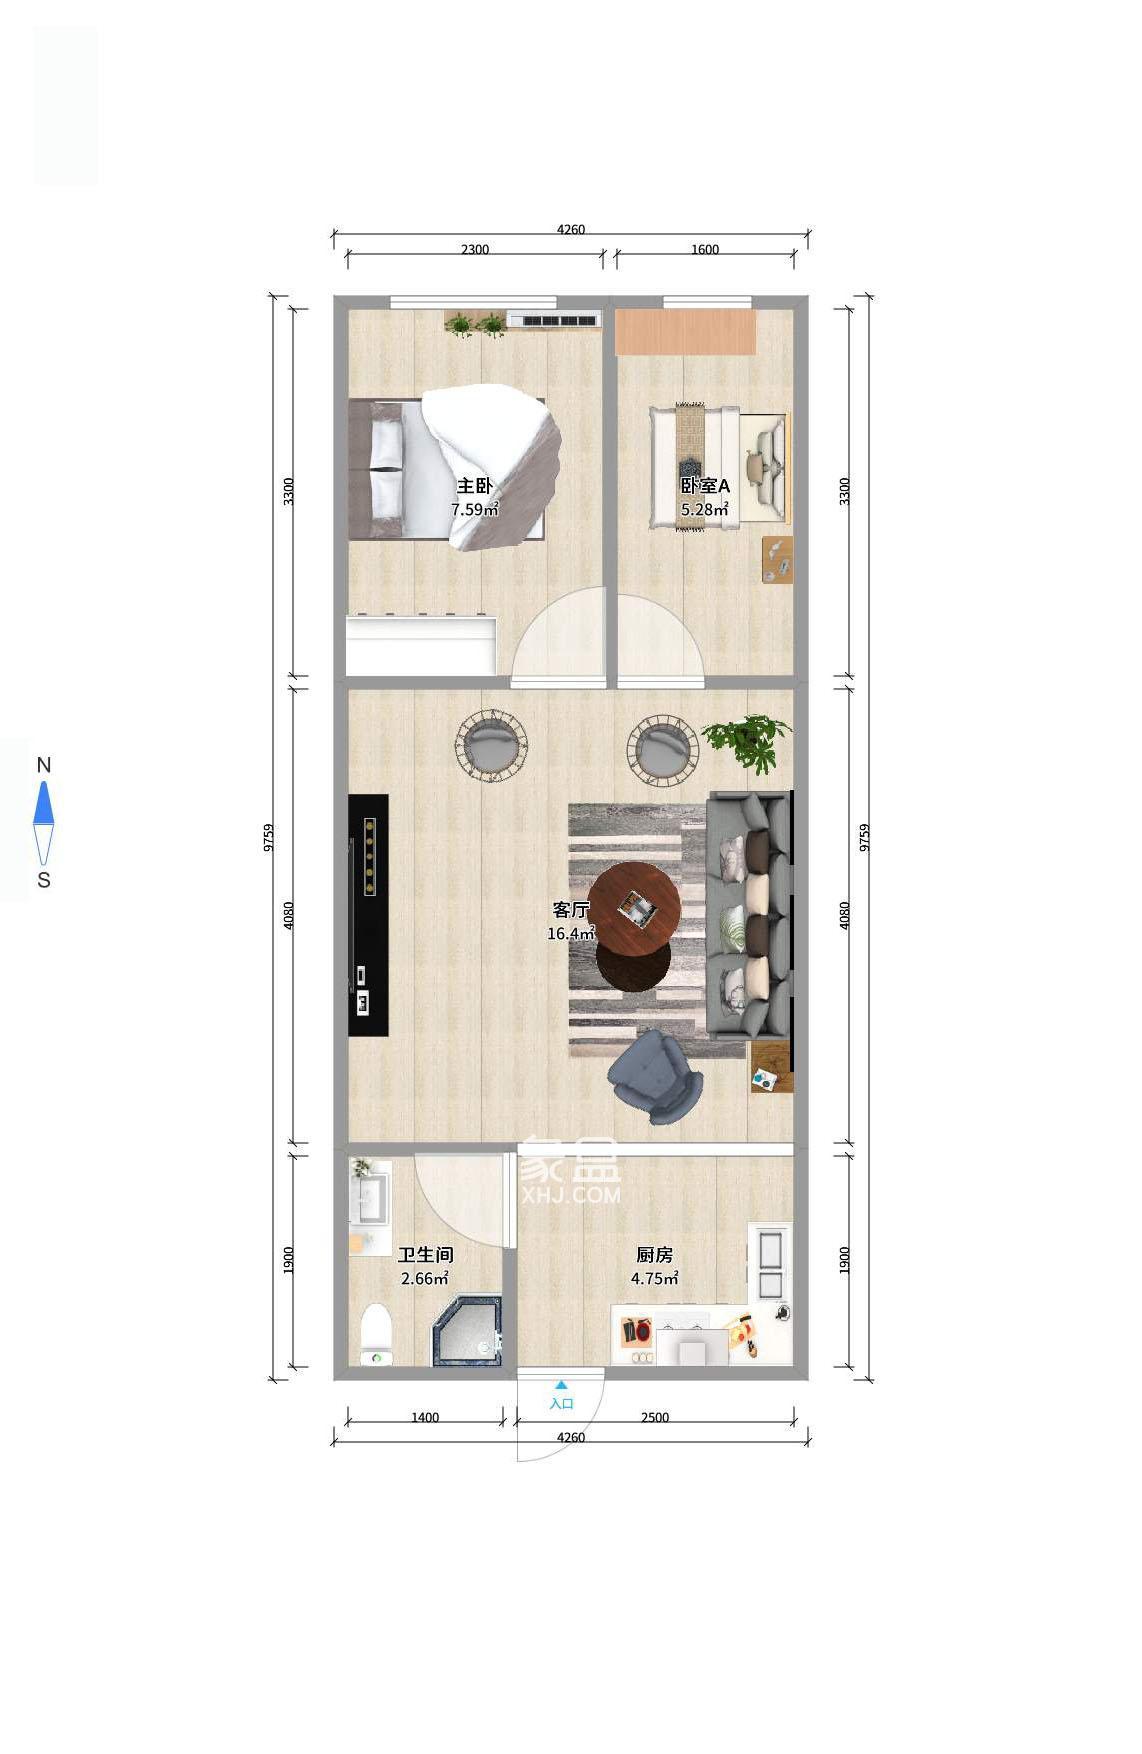 東塘地鐵口1號線朝陽銀座 居家裝修隨時看房出價就談